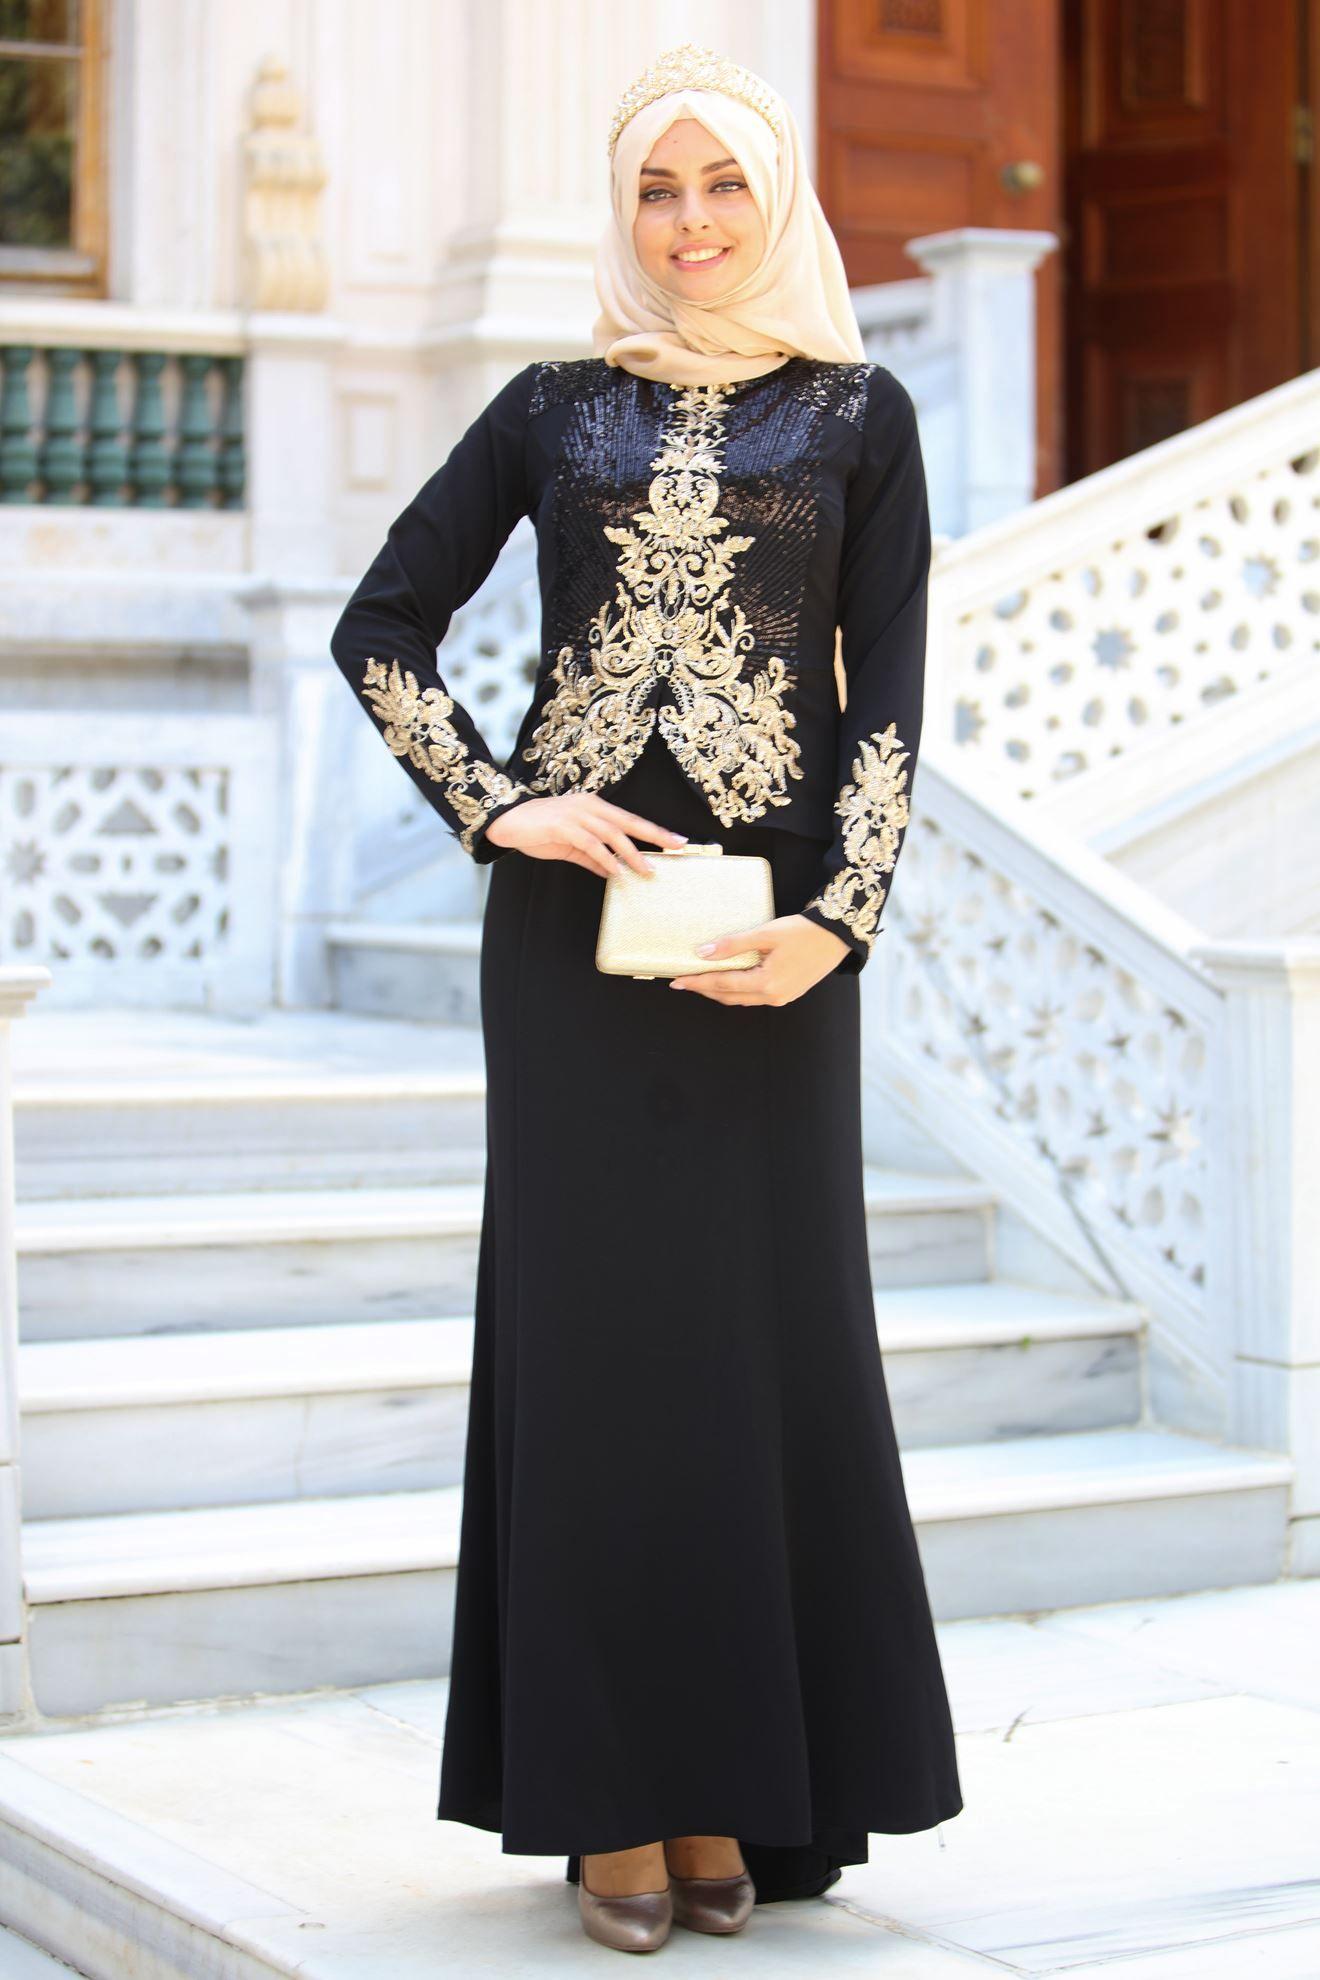 Sedanur Tesettur Ceketli Abiye Elbise Modelleri Moda Tesettur Giyim Elbise Modelleri Elbise Moda Stilleri